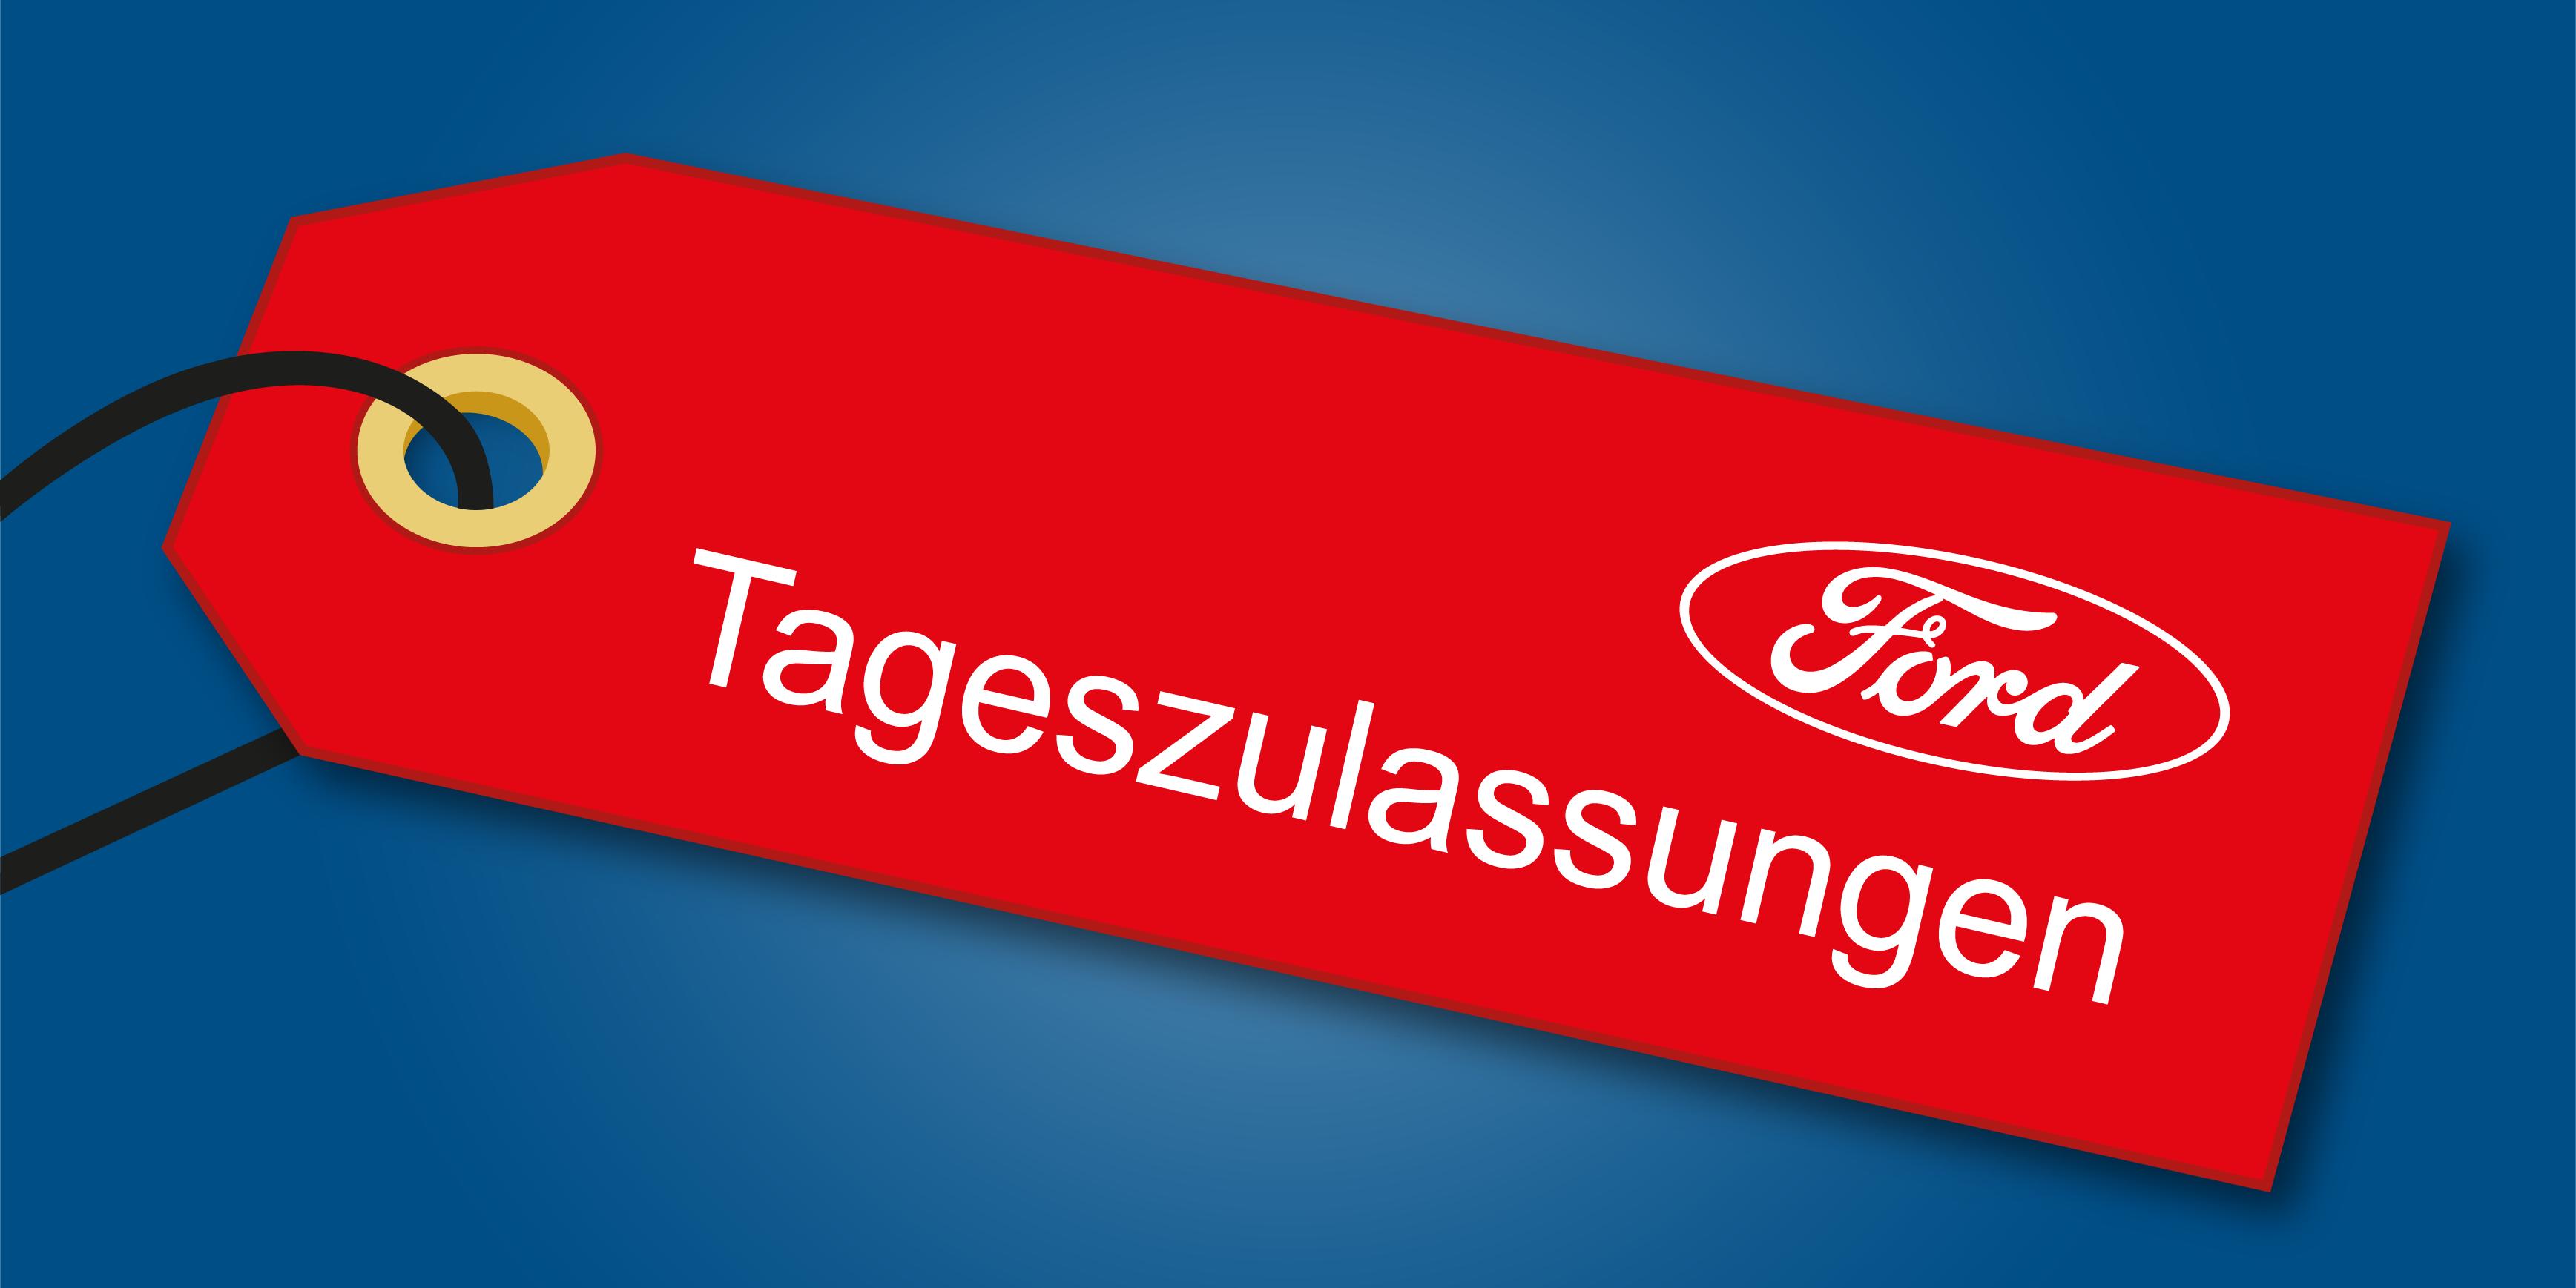 Angebote Ford Tageszulassungen bei Auto Jochem in Illingen, St. Ingbert und St. Wendel.